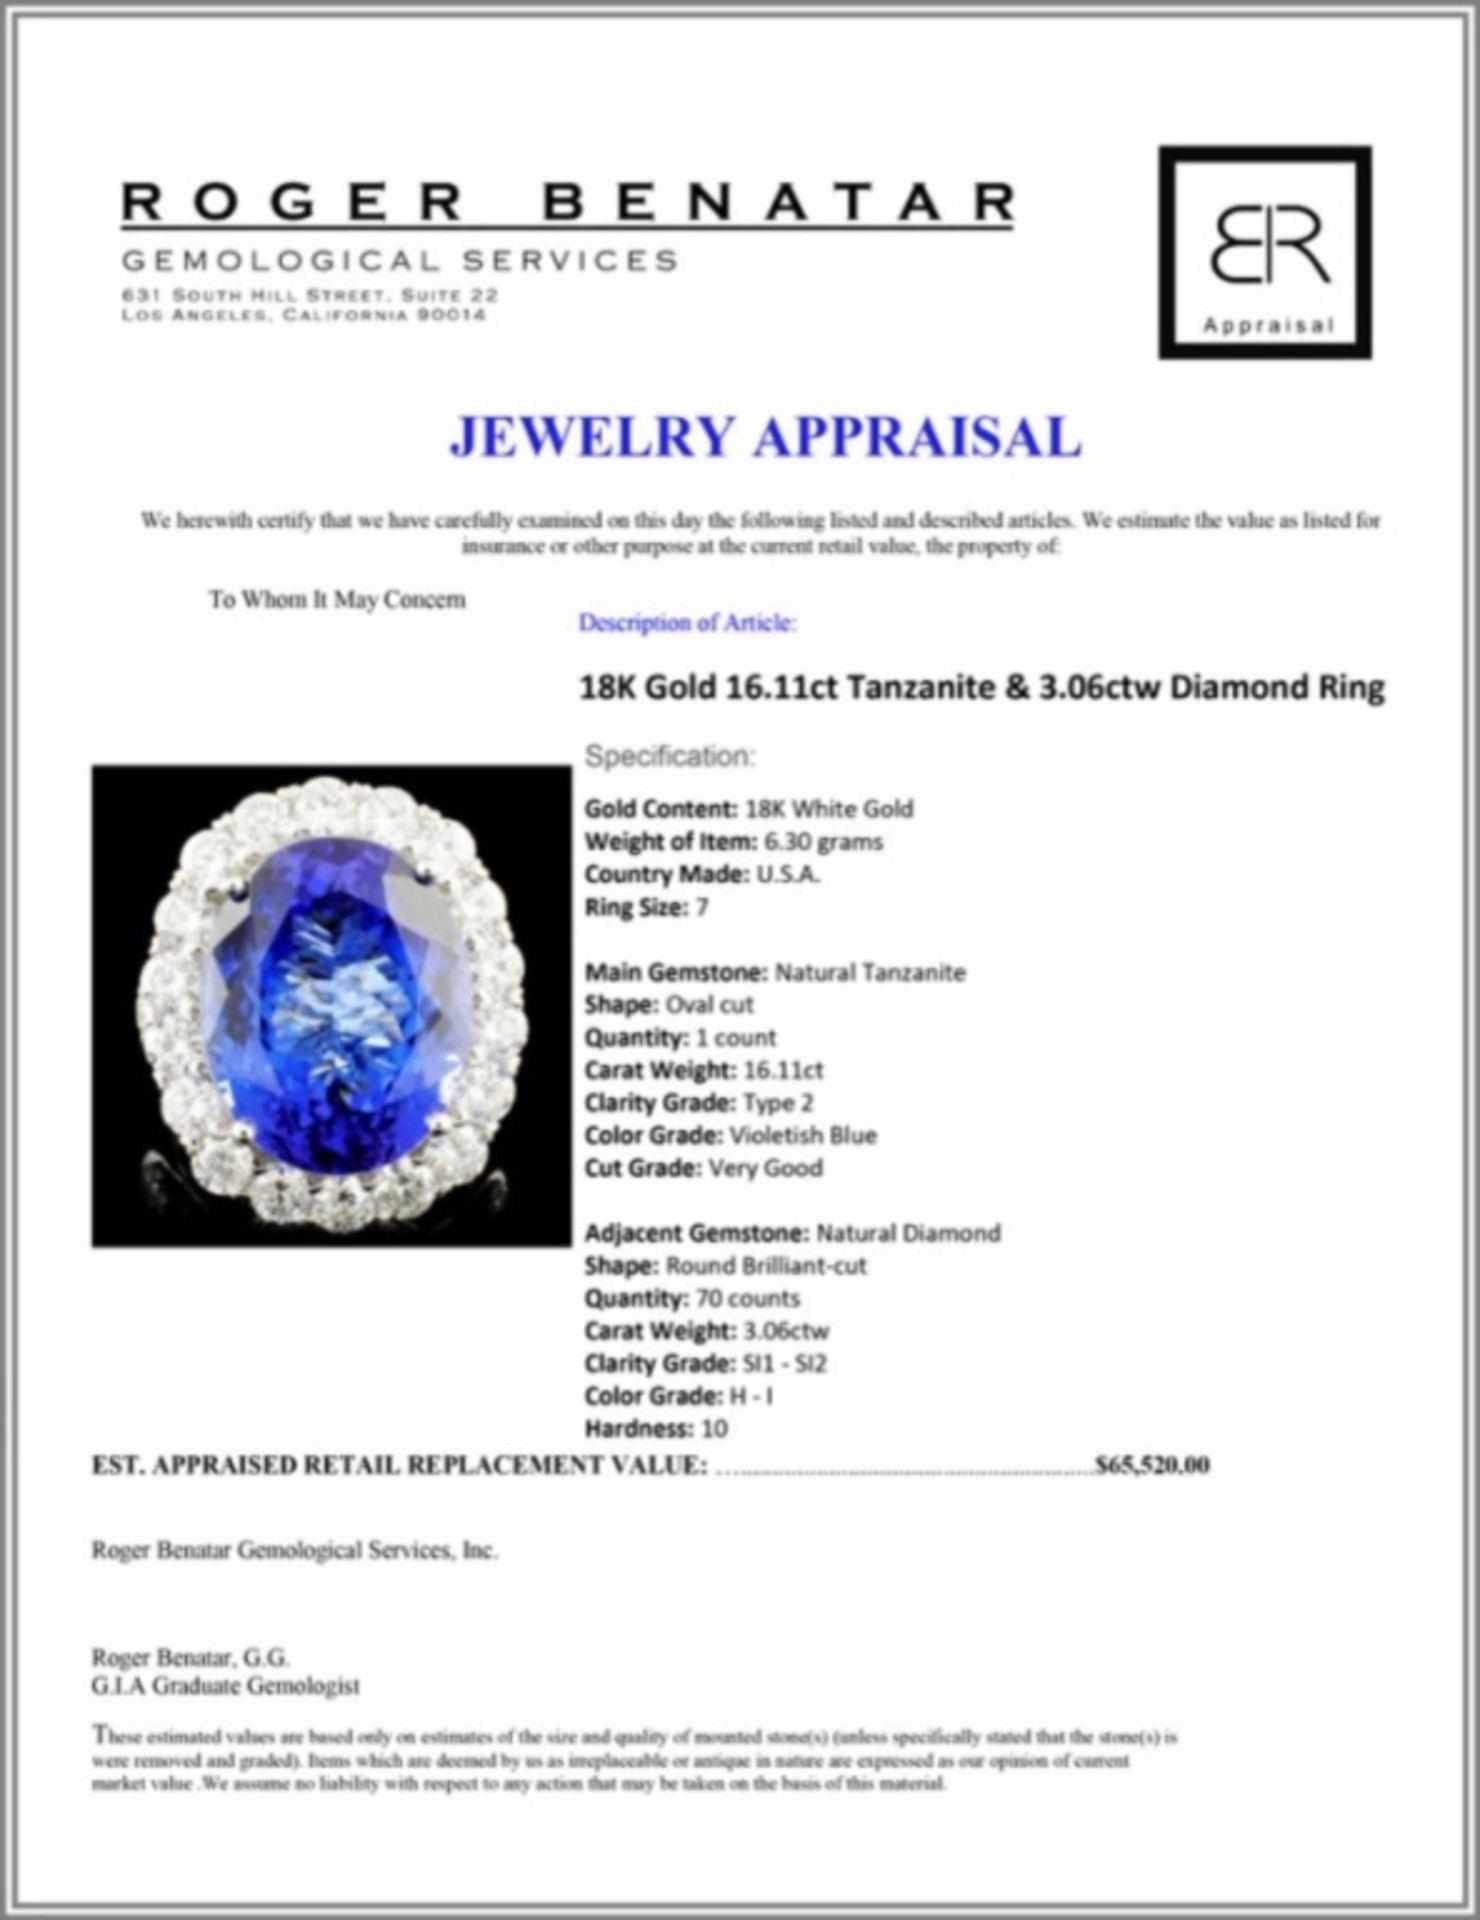 18K Gold 16.11ct Tanzanite & 3.06ctw Diamond Ring - Image 5 of 5